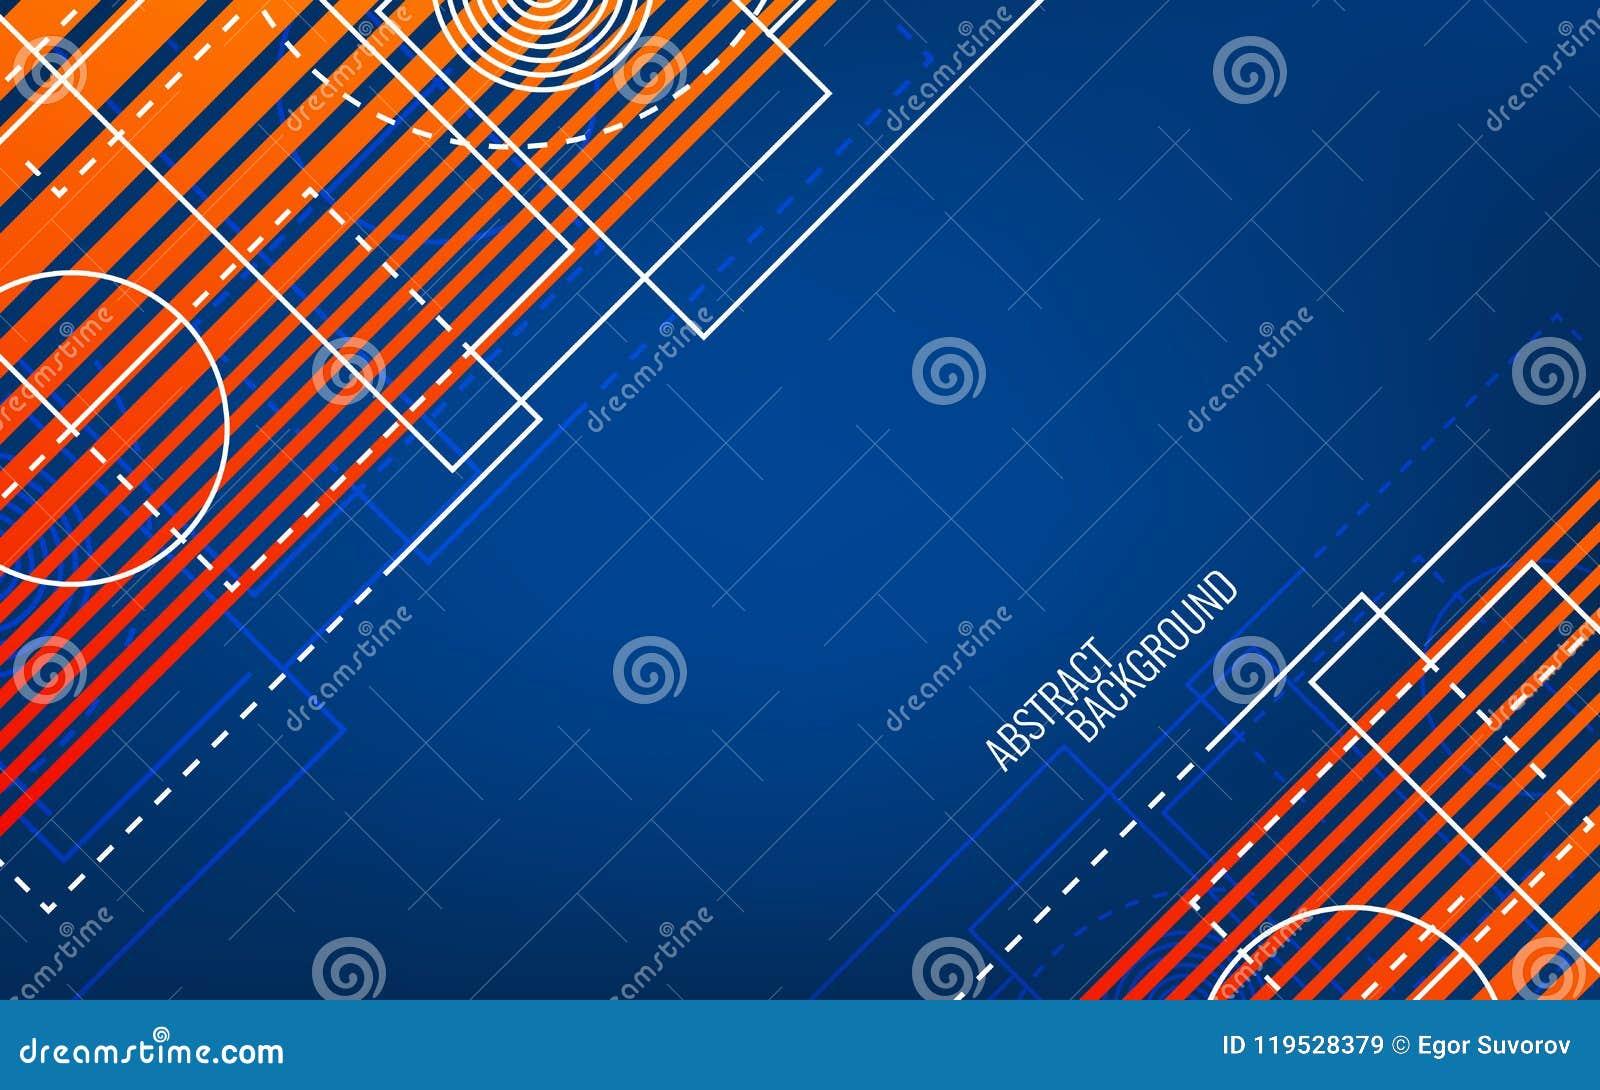 Geometrico astratto Forme e linee bianche casuali Concetto blu ed arancio Contesto luminoso moderno trendy